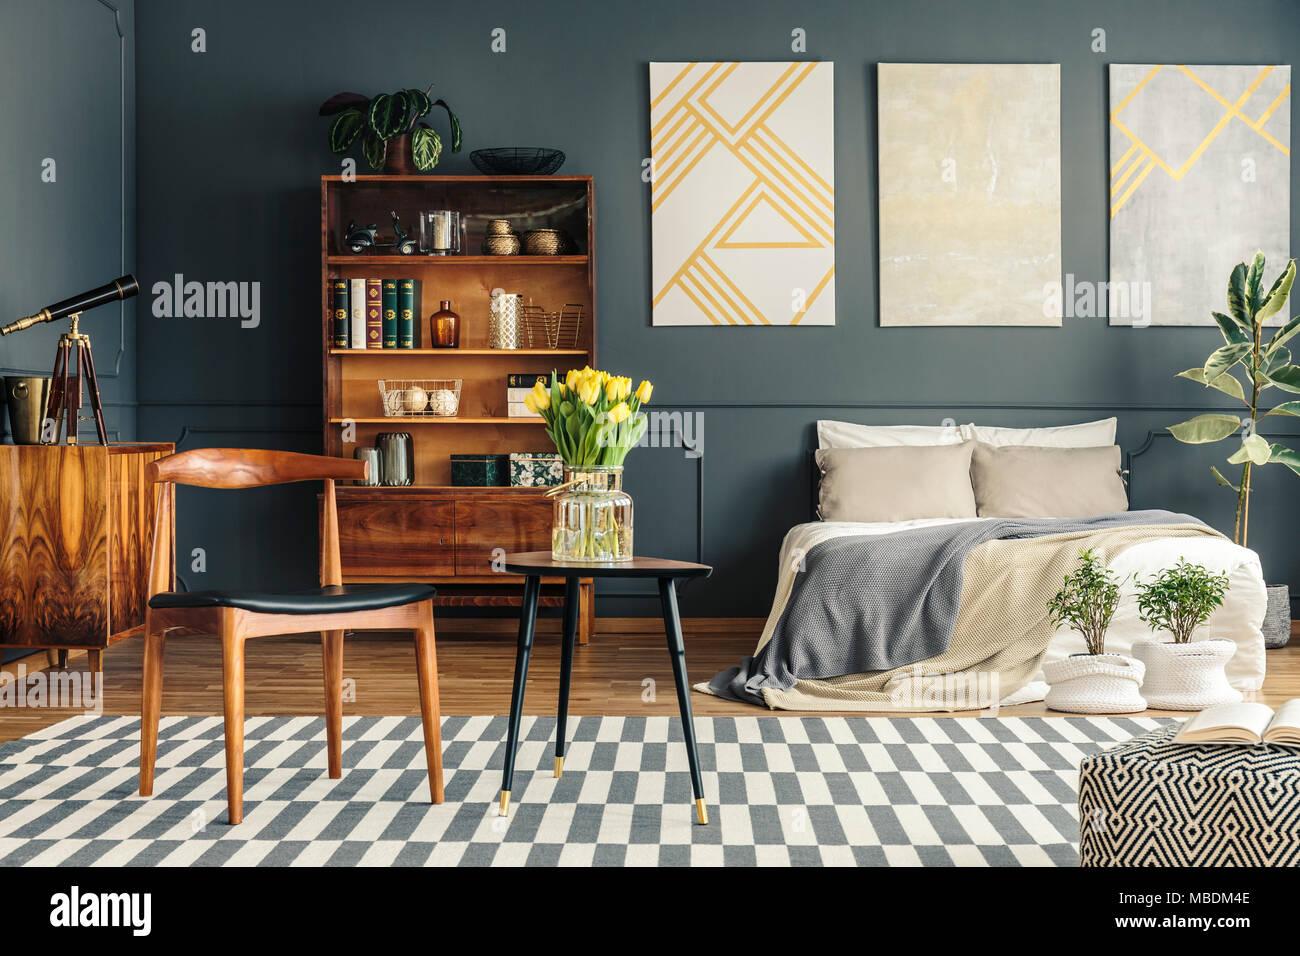 Bett, Pflanzen, Weißen Und Grauen Teppich, Hocker, Stühle, Vintage  Bücherregal, Teleskop  Und Graue Wand In Retro Schlafzimmer Innenraum